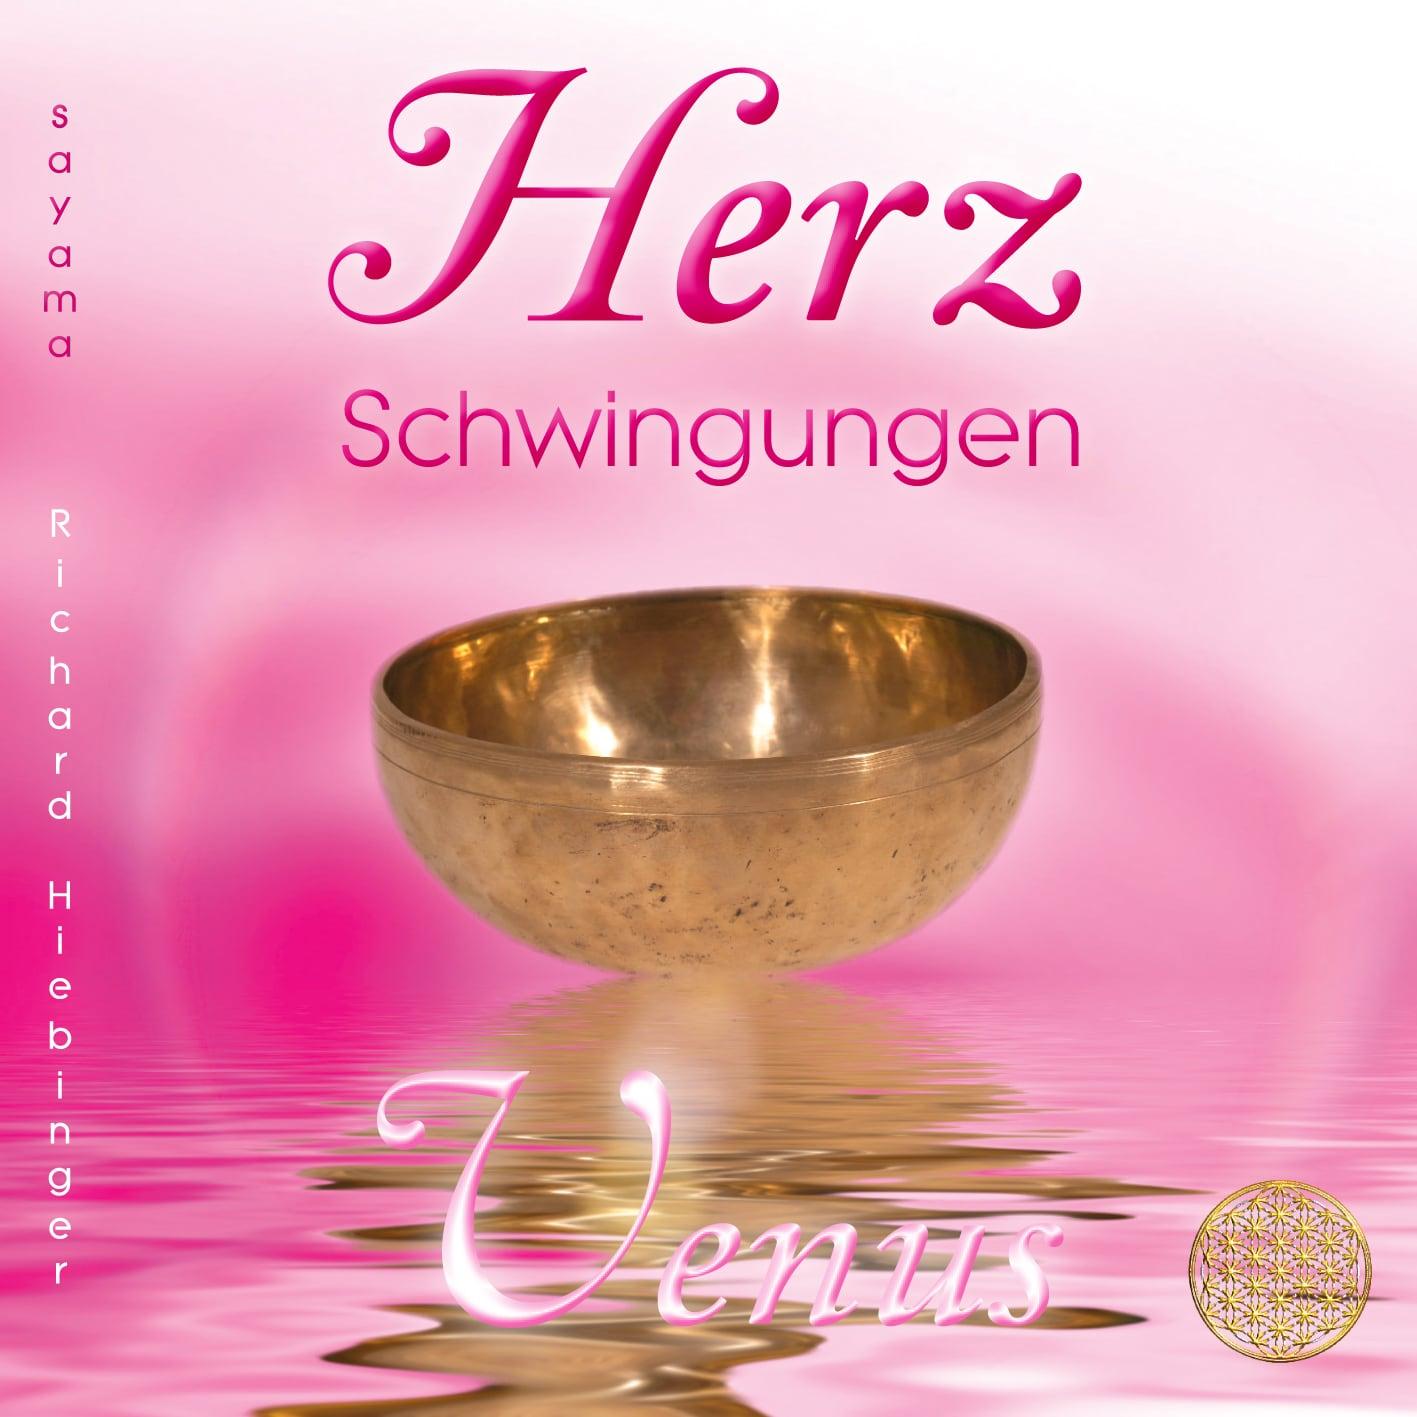 Das Titelbild der CD Herzschwingungen Venus von Richard Hiebinger Sayama Music. Eine große, goldene Klangschale vor rosa Hintergrund und die Blume des Lebens